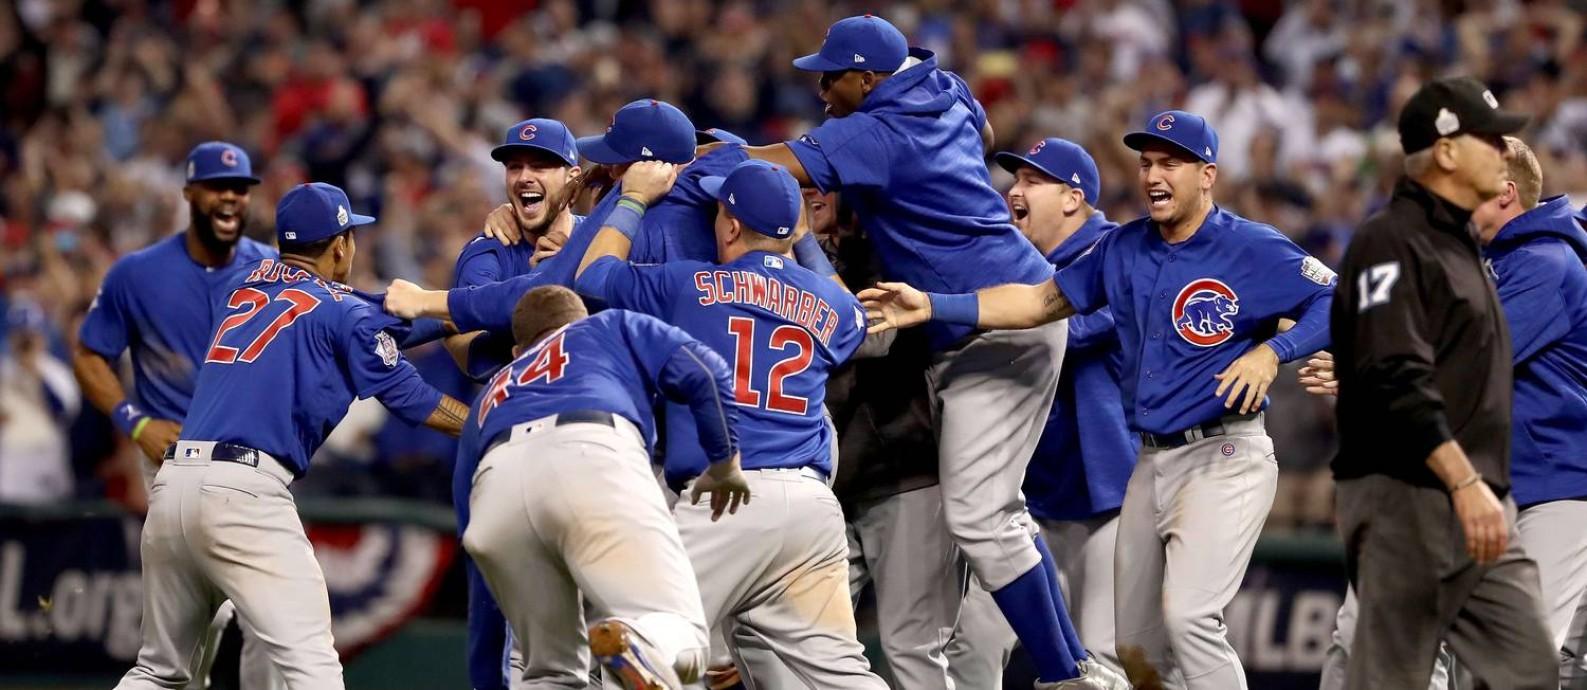 O Chicago Cubs comemora a conquista da MLB, encerrando um jejum de 108 anos Foto: ELSA / AFP